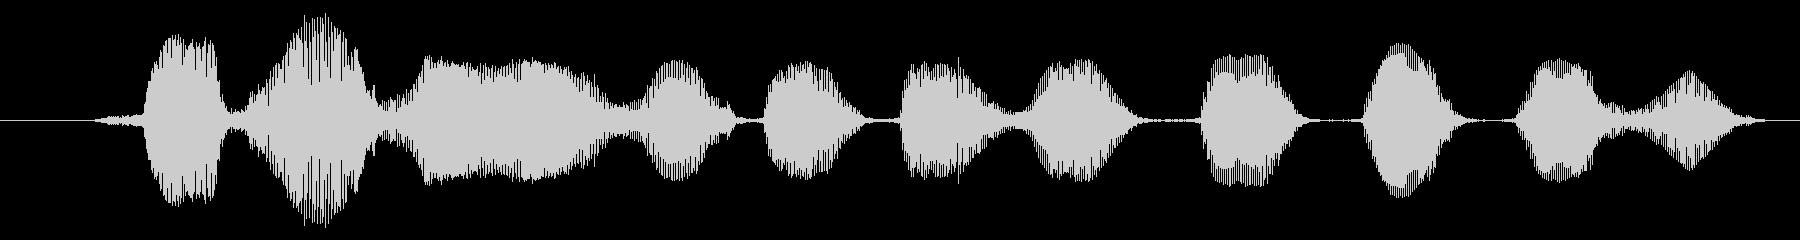 鳴き声 ゴブリンの笑い05の未再生の波形